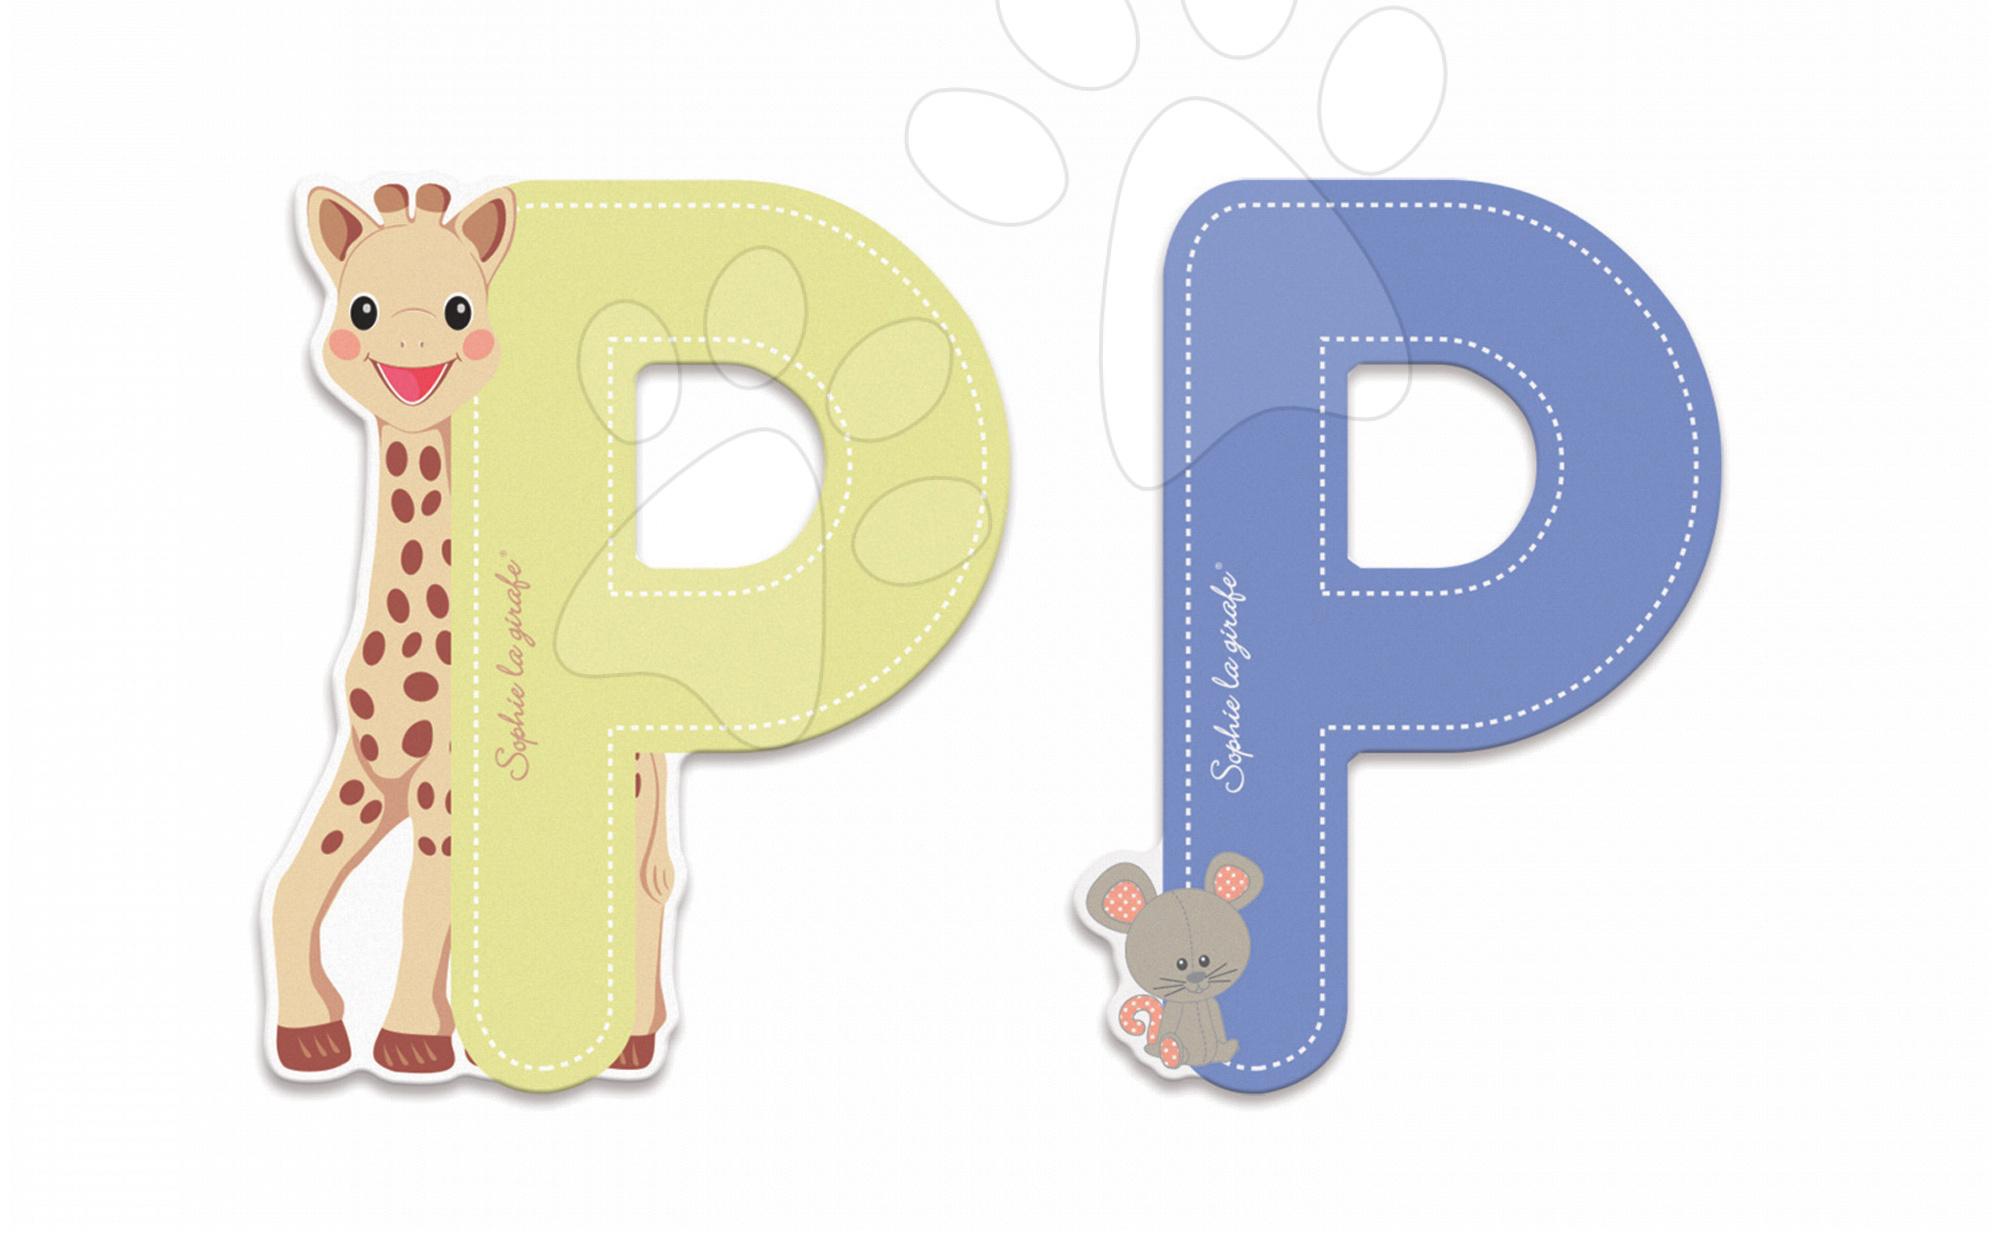 Dekorácie do detských izieb - Drevené písmeno P Sophie The Giraffe Janod lepiace 7 cm béžové/modré od 3 rokov